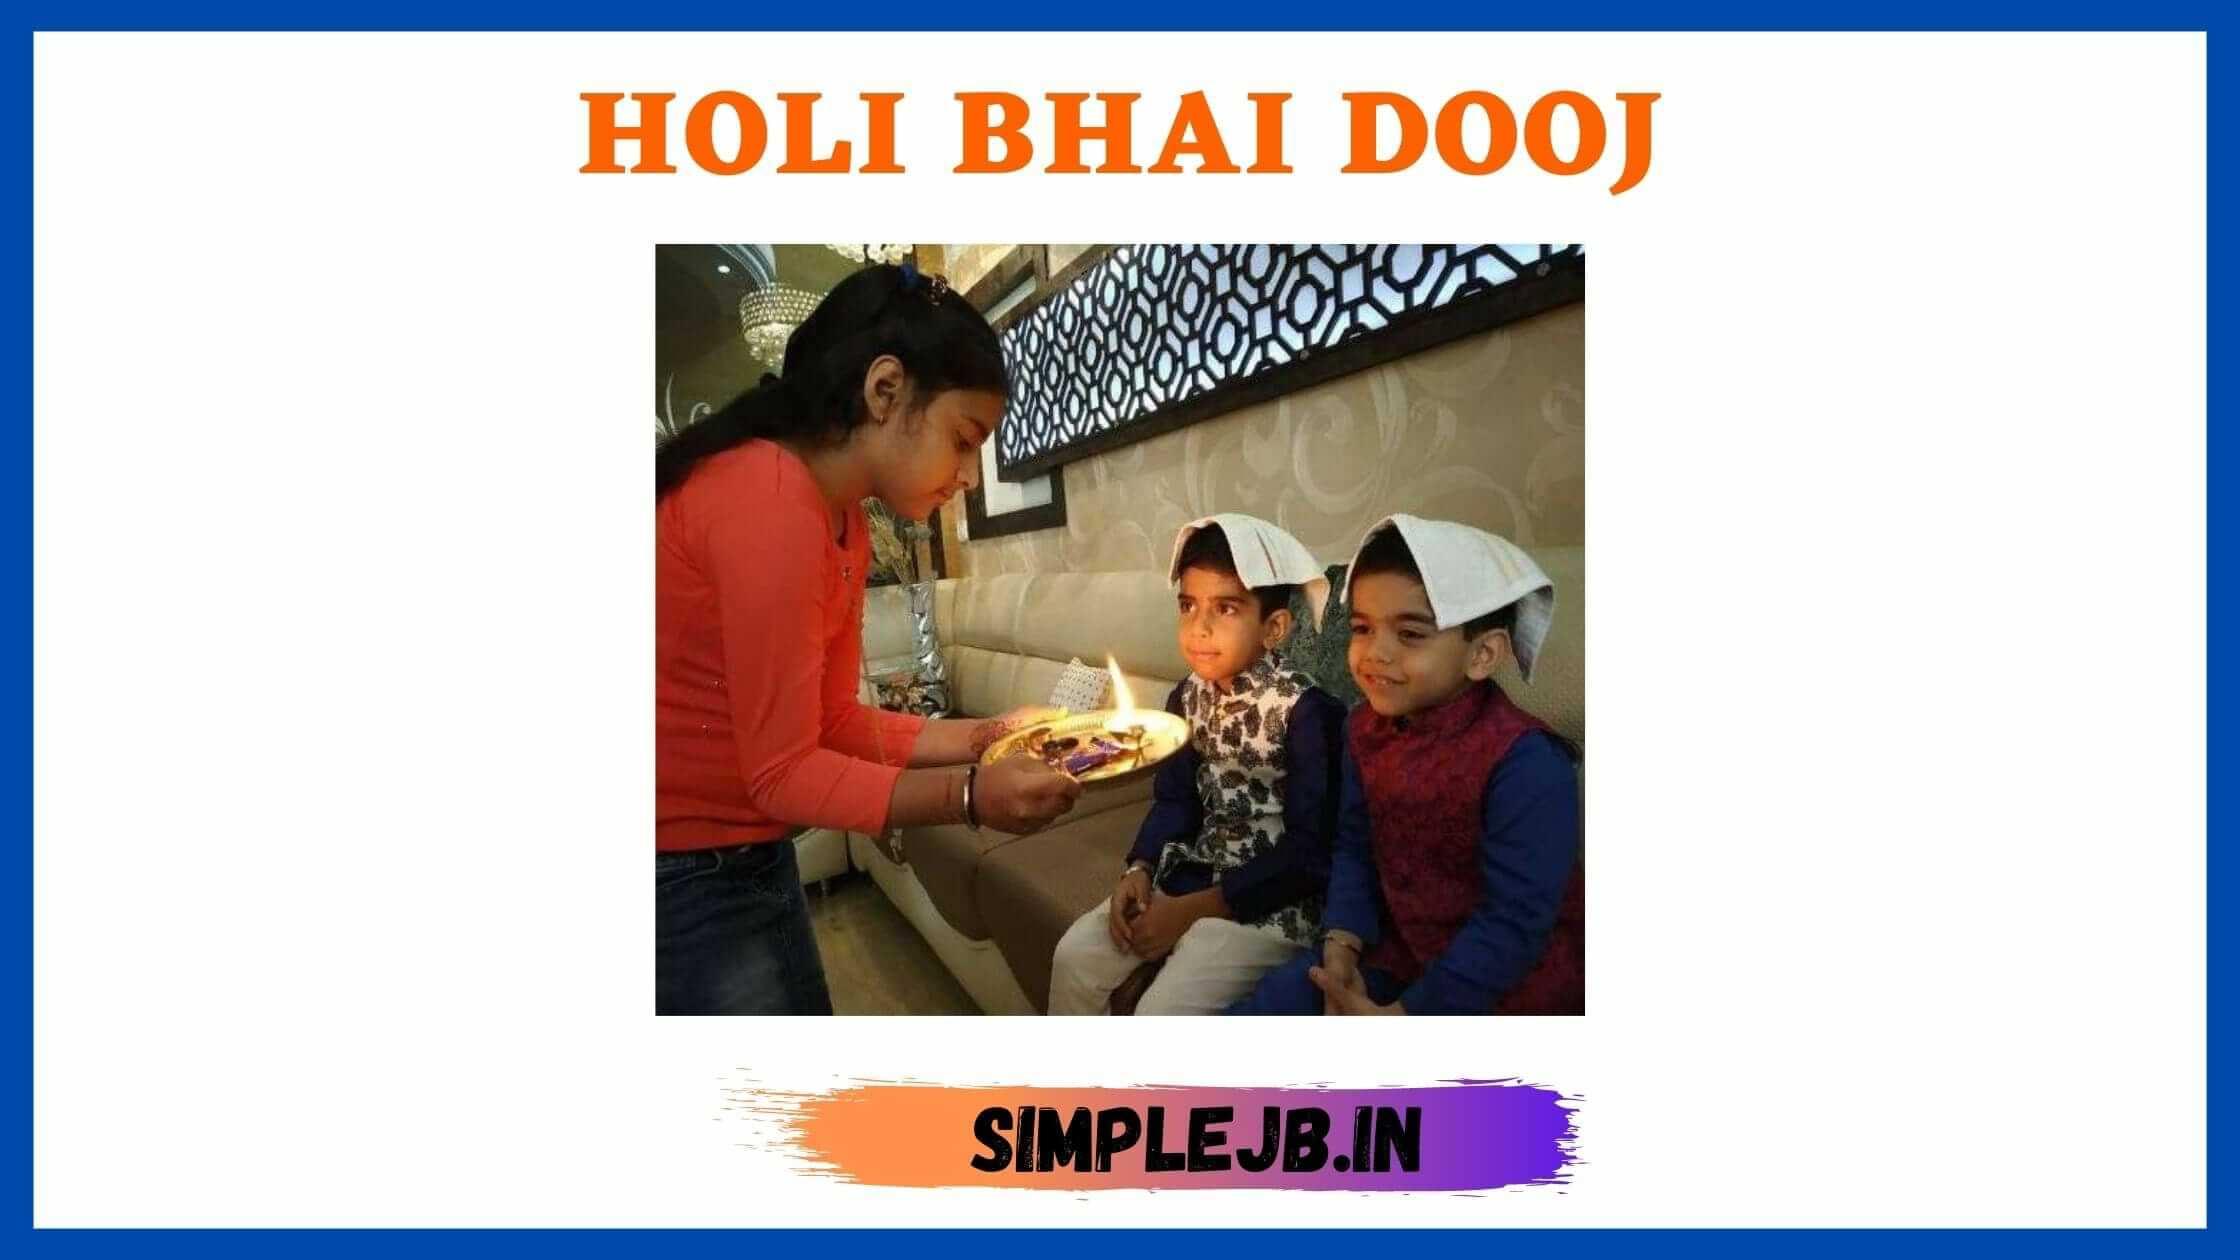 holi-bhai-dooj-2021